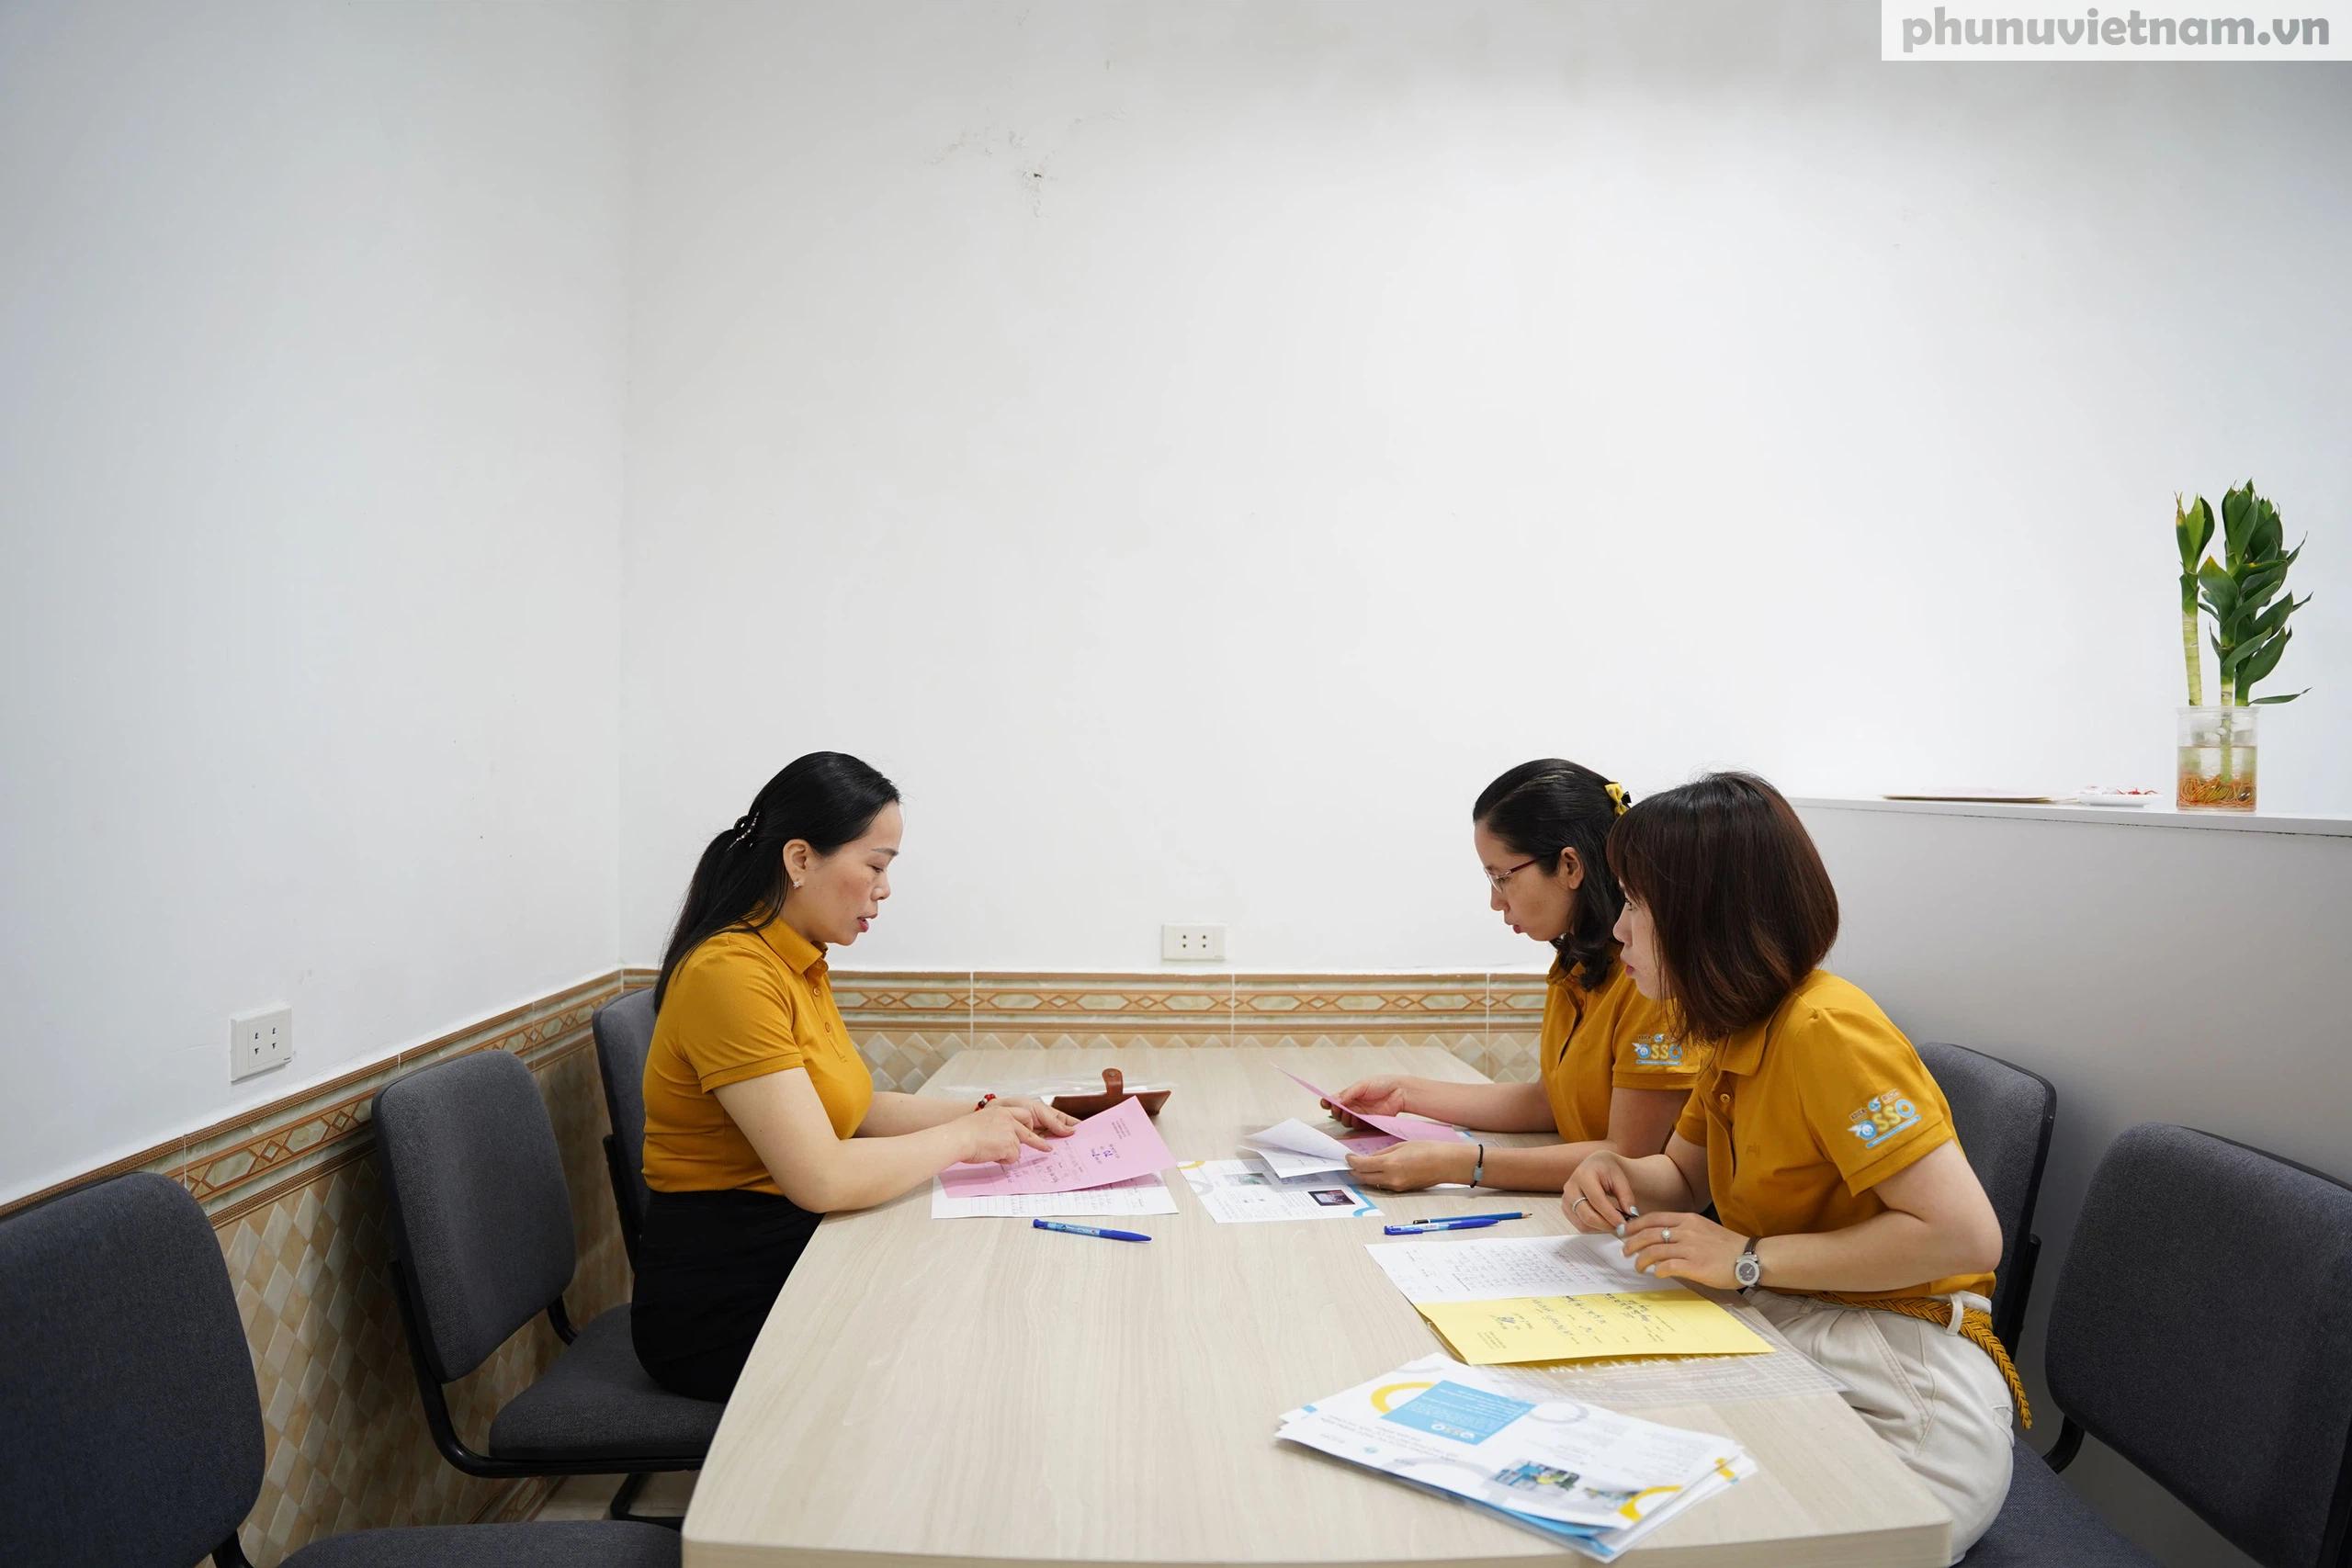 Văn phòng hỗ trợ phụ nữ di cư hồi hương ở Hải Phòng trước ngày khai trương - Ảnh 7.